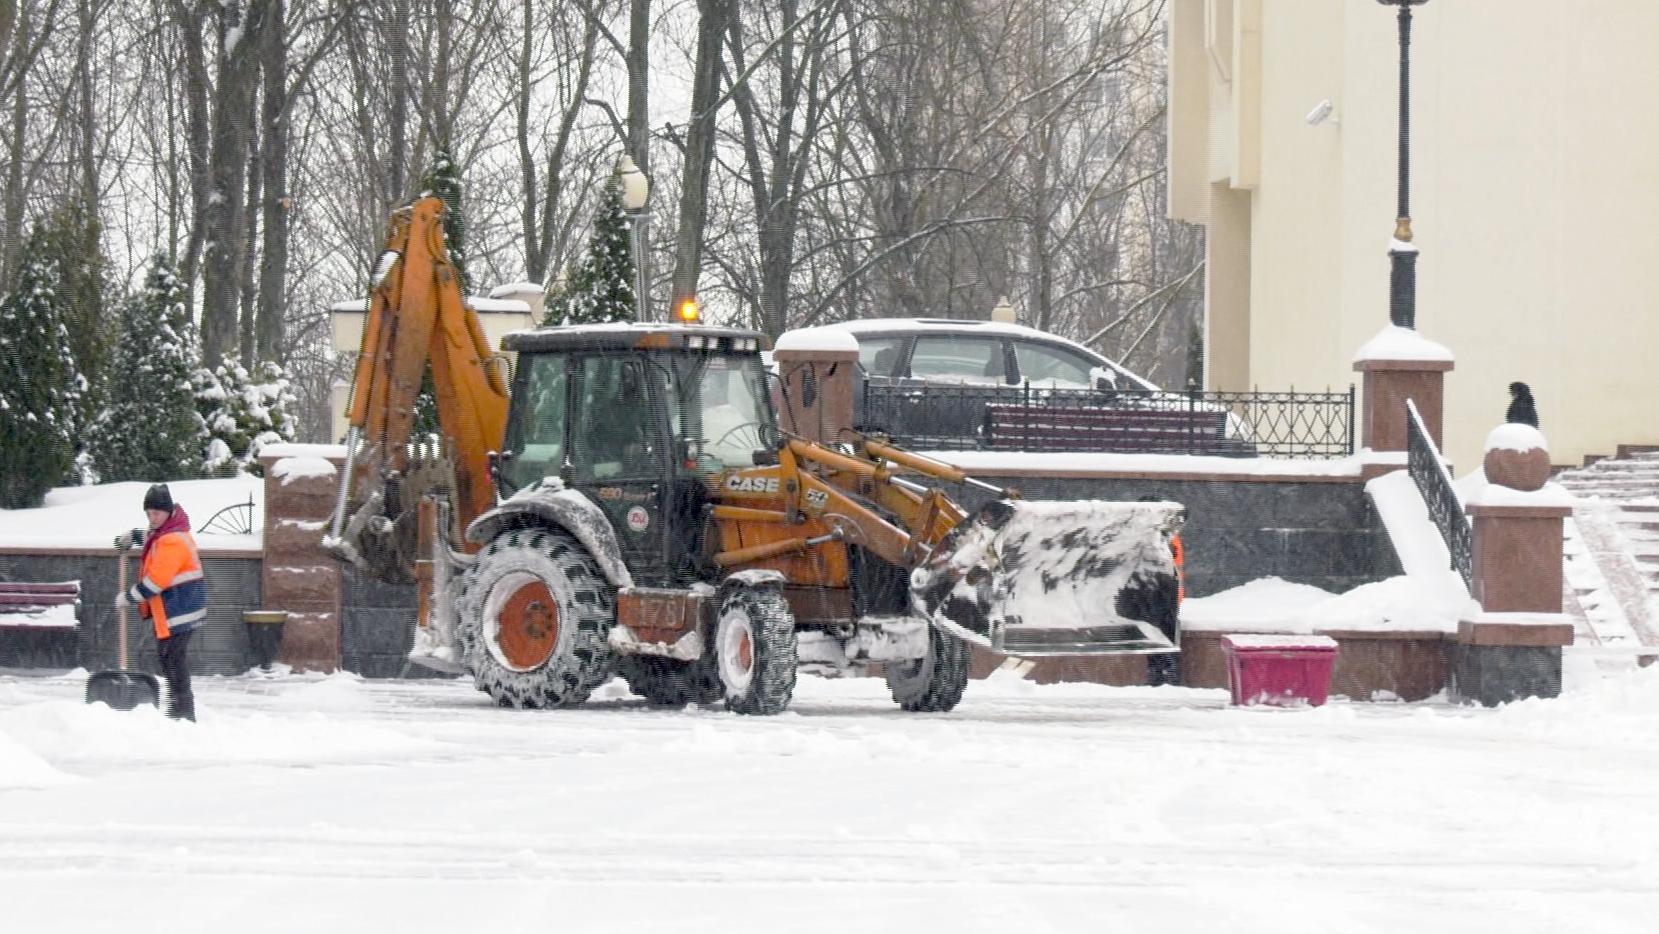 sneg - Снегопад и оттепель. В Витебске снова экстремальная погода (видео)